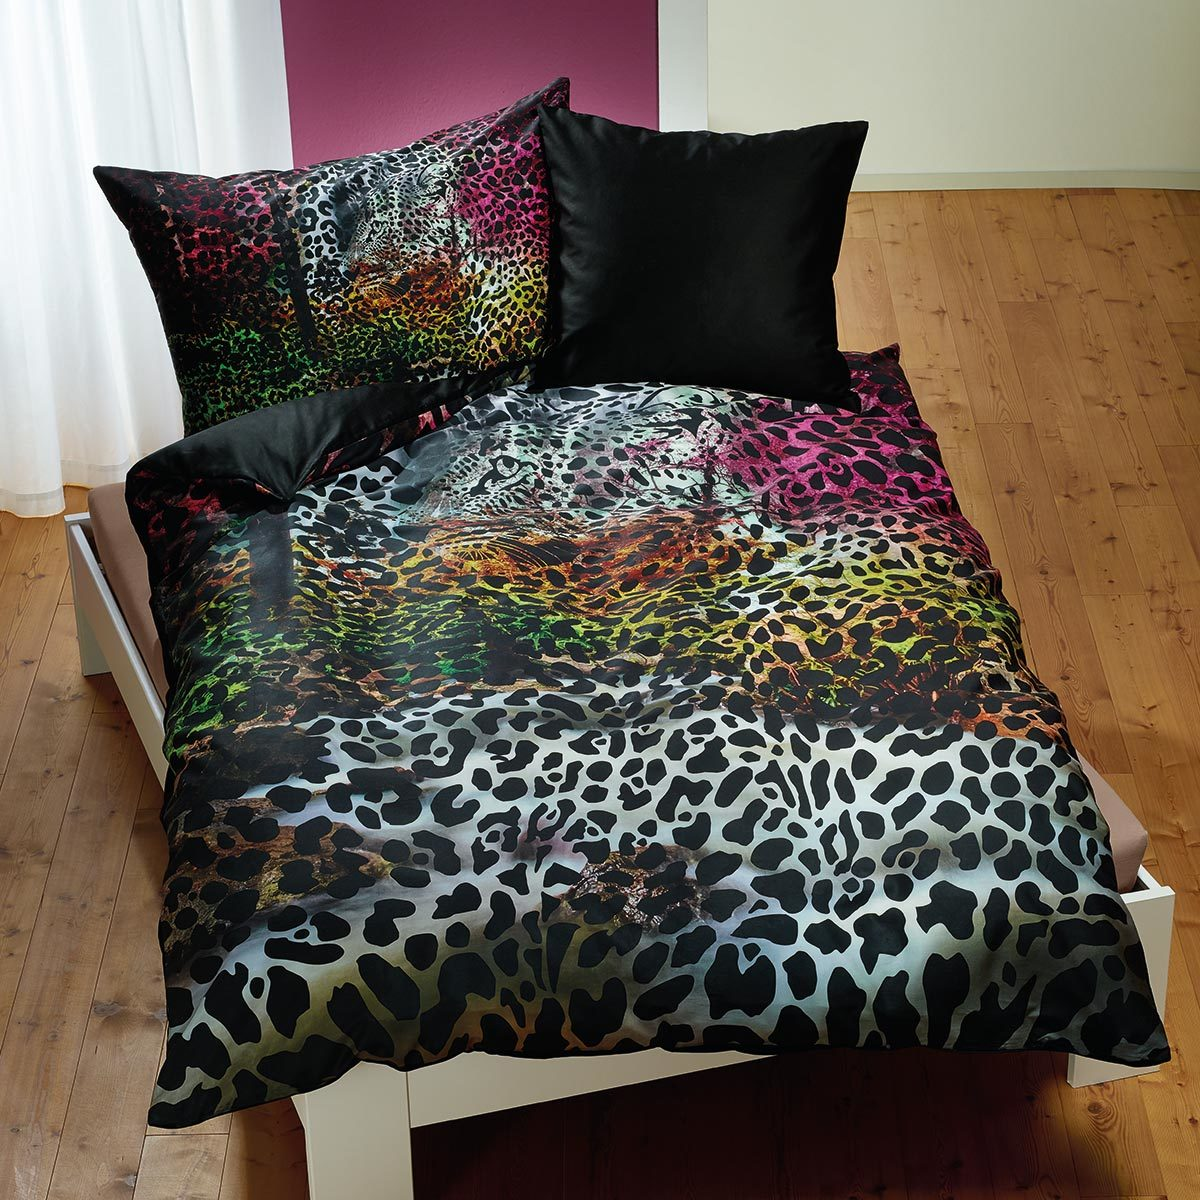 Traumschlaf Bettwäsche Leopard